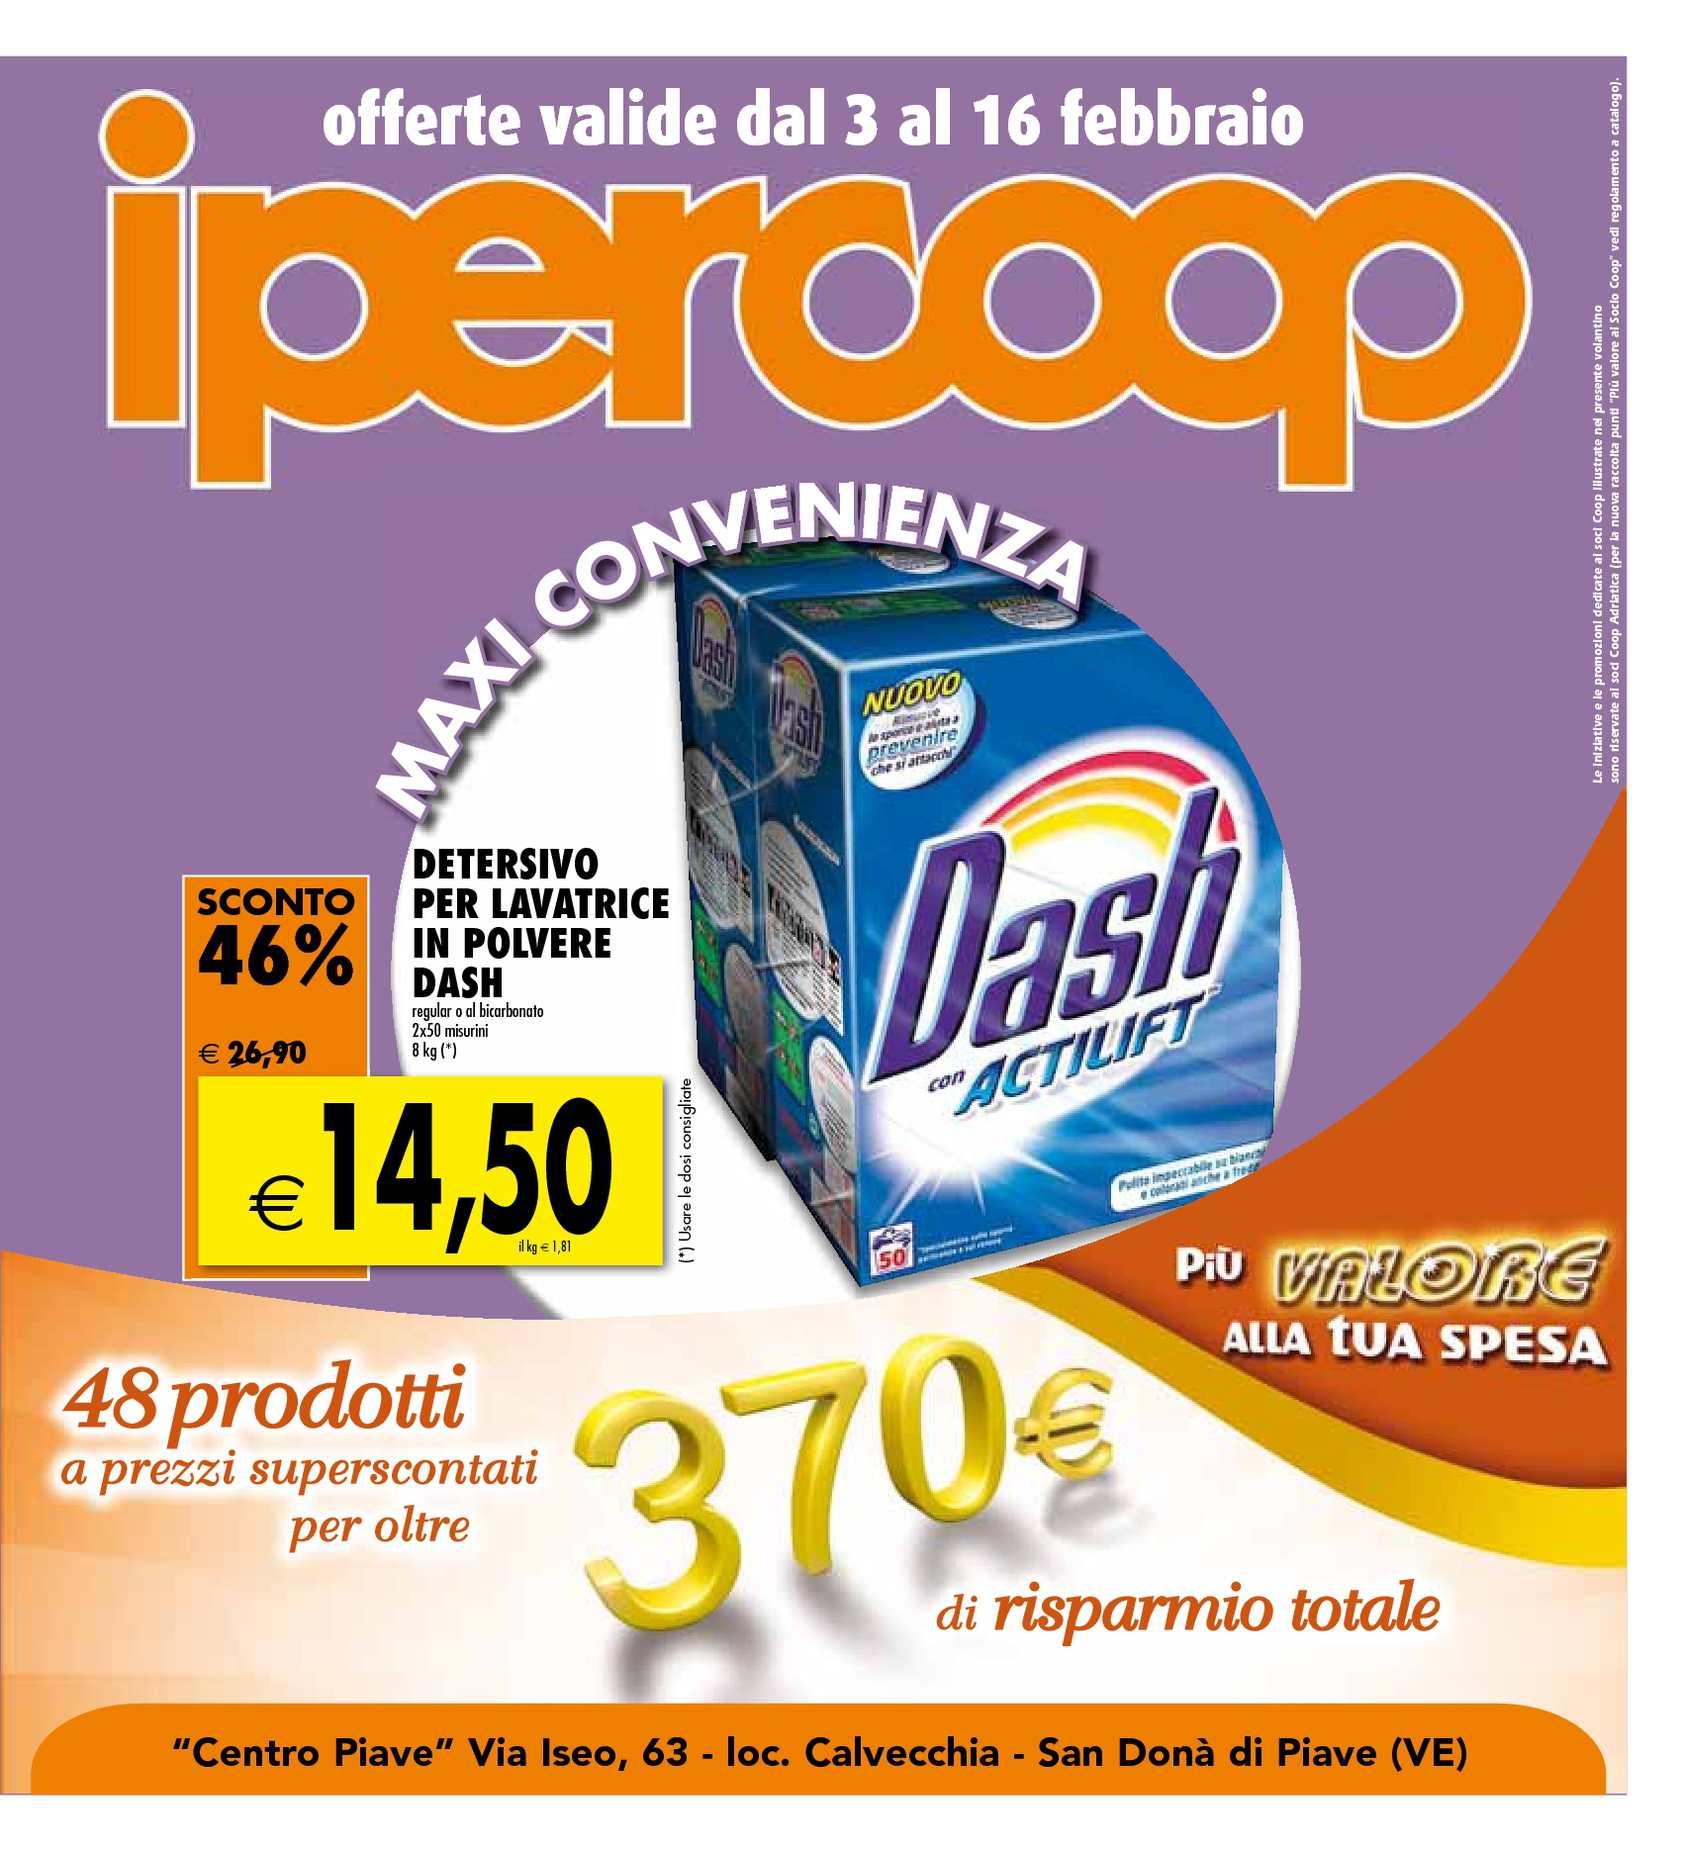 Calaméo - Offerte Ipercoop - San Donà di Piave - dal 3 al 16 Febbraio 2011 88e8d87de44